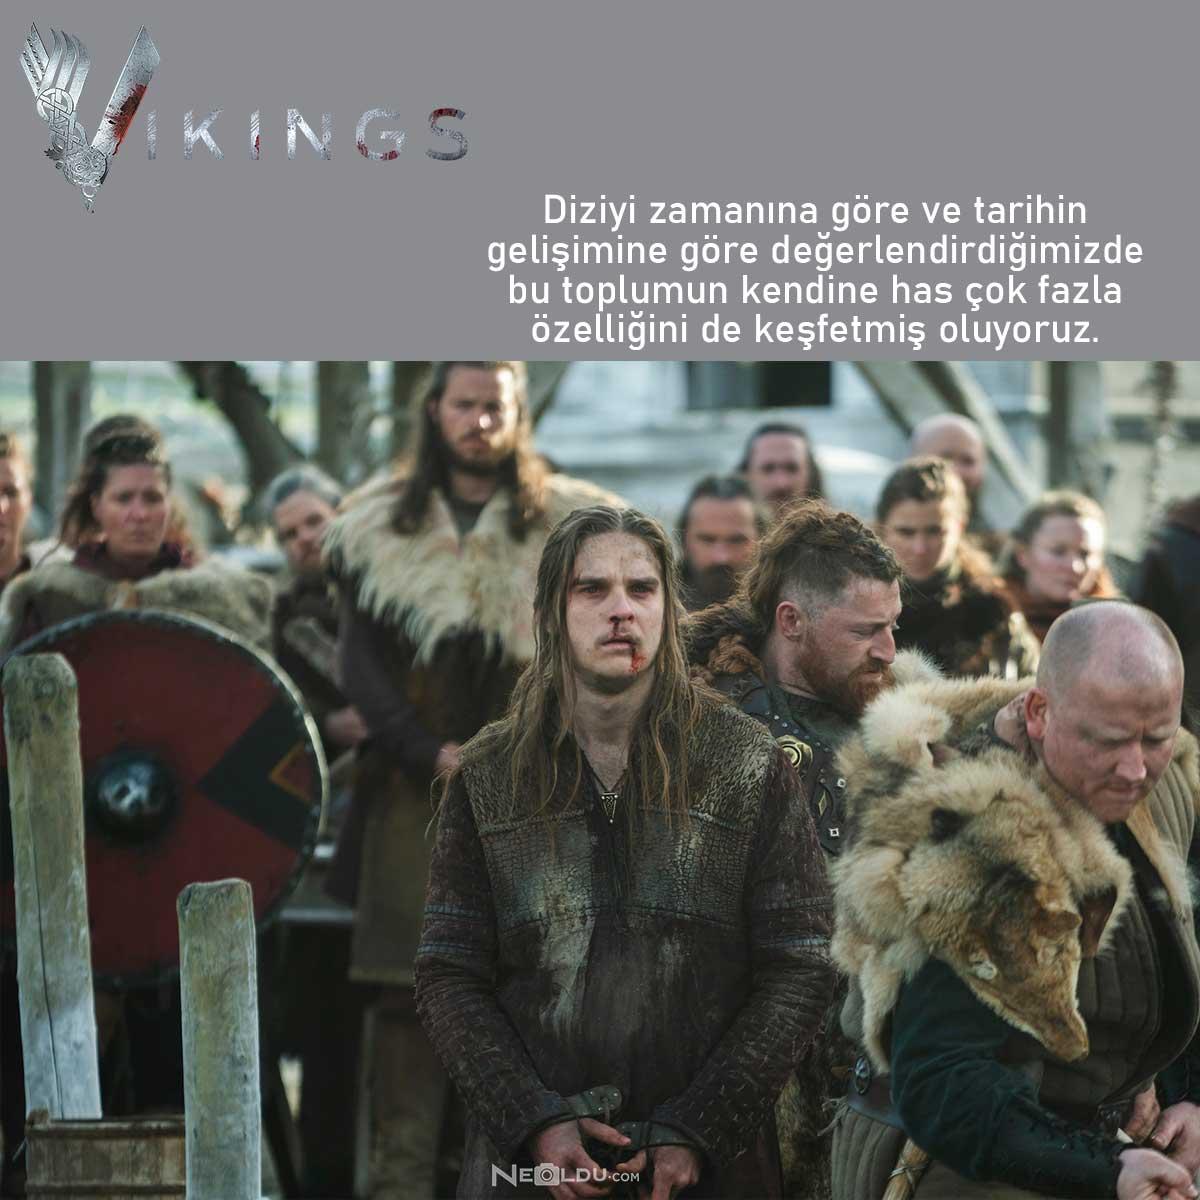 vikings-dizisi-hakkinda-bilinmesi-gerekenler.jpg